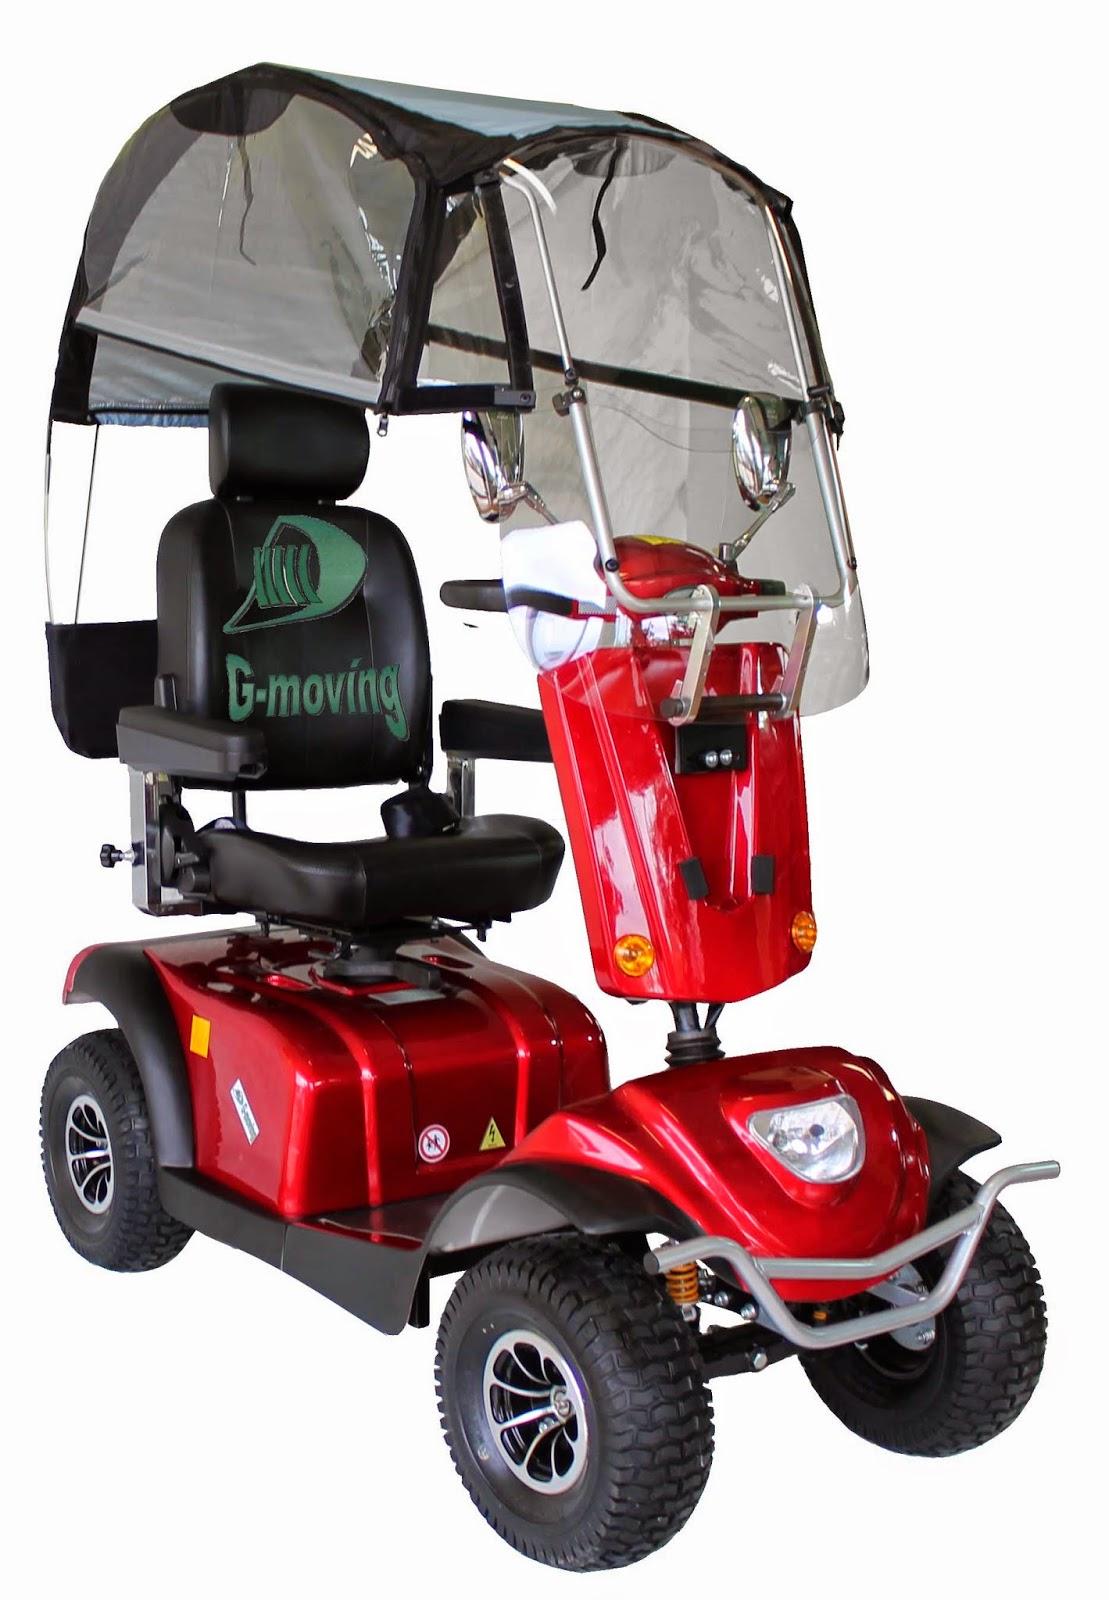 Sedia a rotelle elettrica e carrozzina elettrica ,guida alla scelta parte 4. Accessori per ...